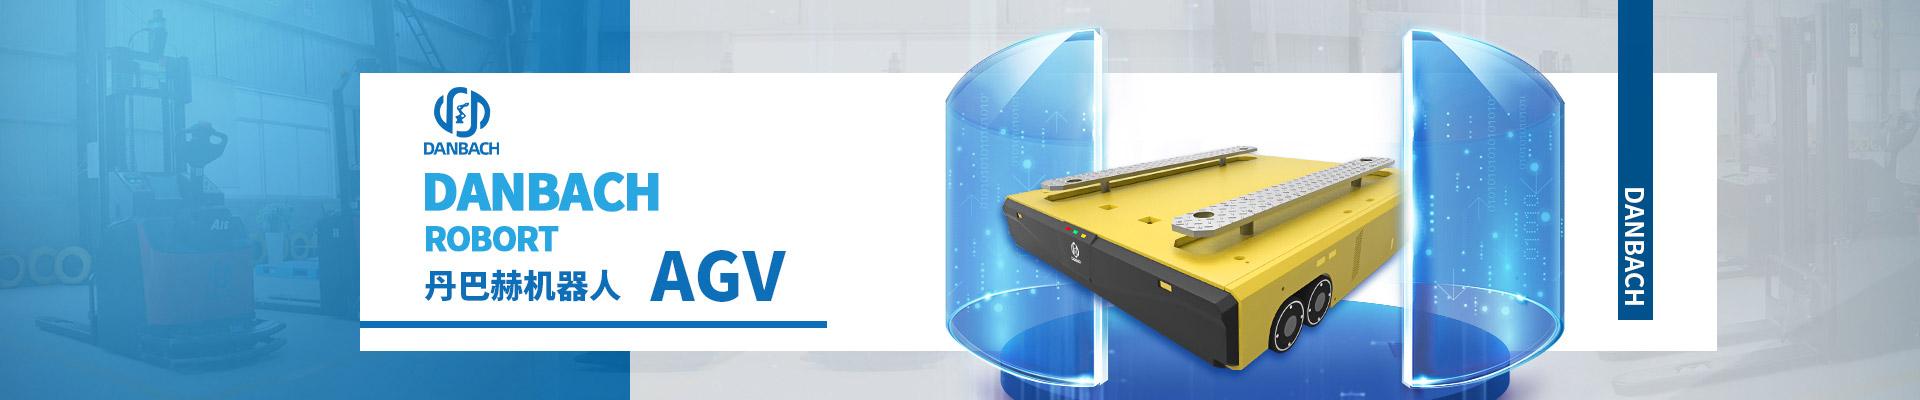 丹巴赫焊接机器人